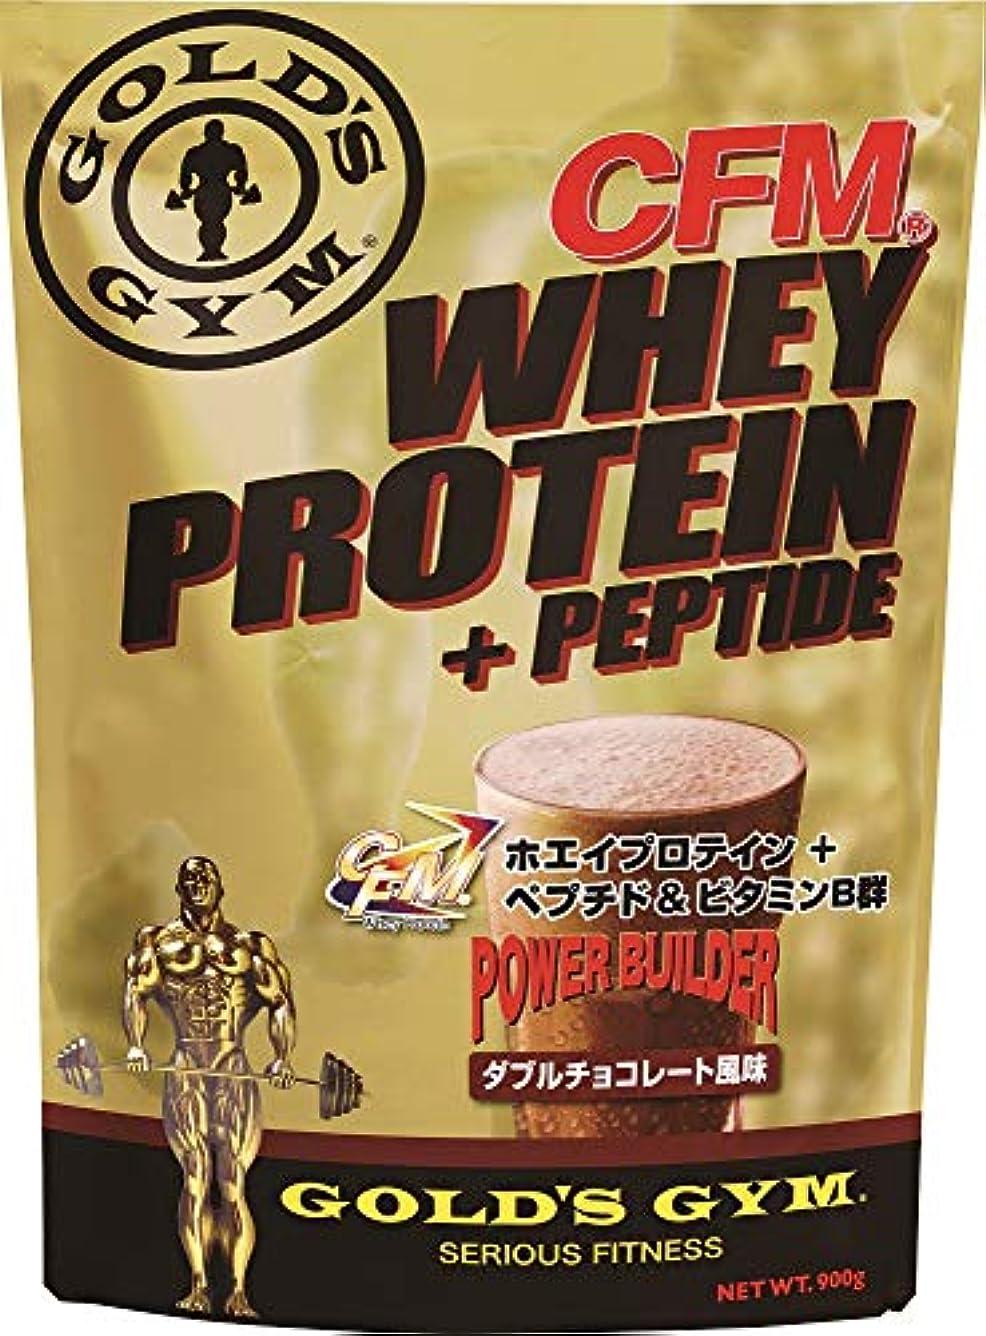 ブランドおそらく美徳ゴールドジム(GOLD'S GYM) CFMホエイプロテイン ダブルチョコレート風味 2kg